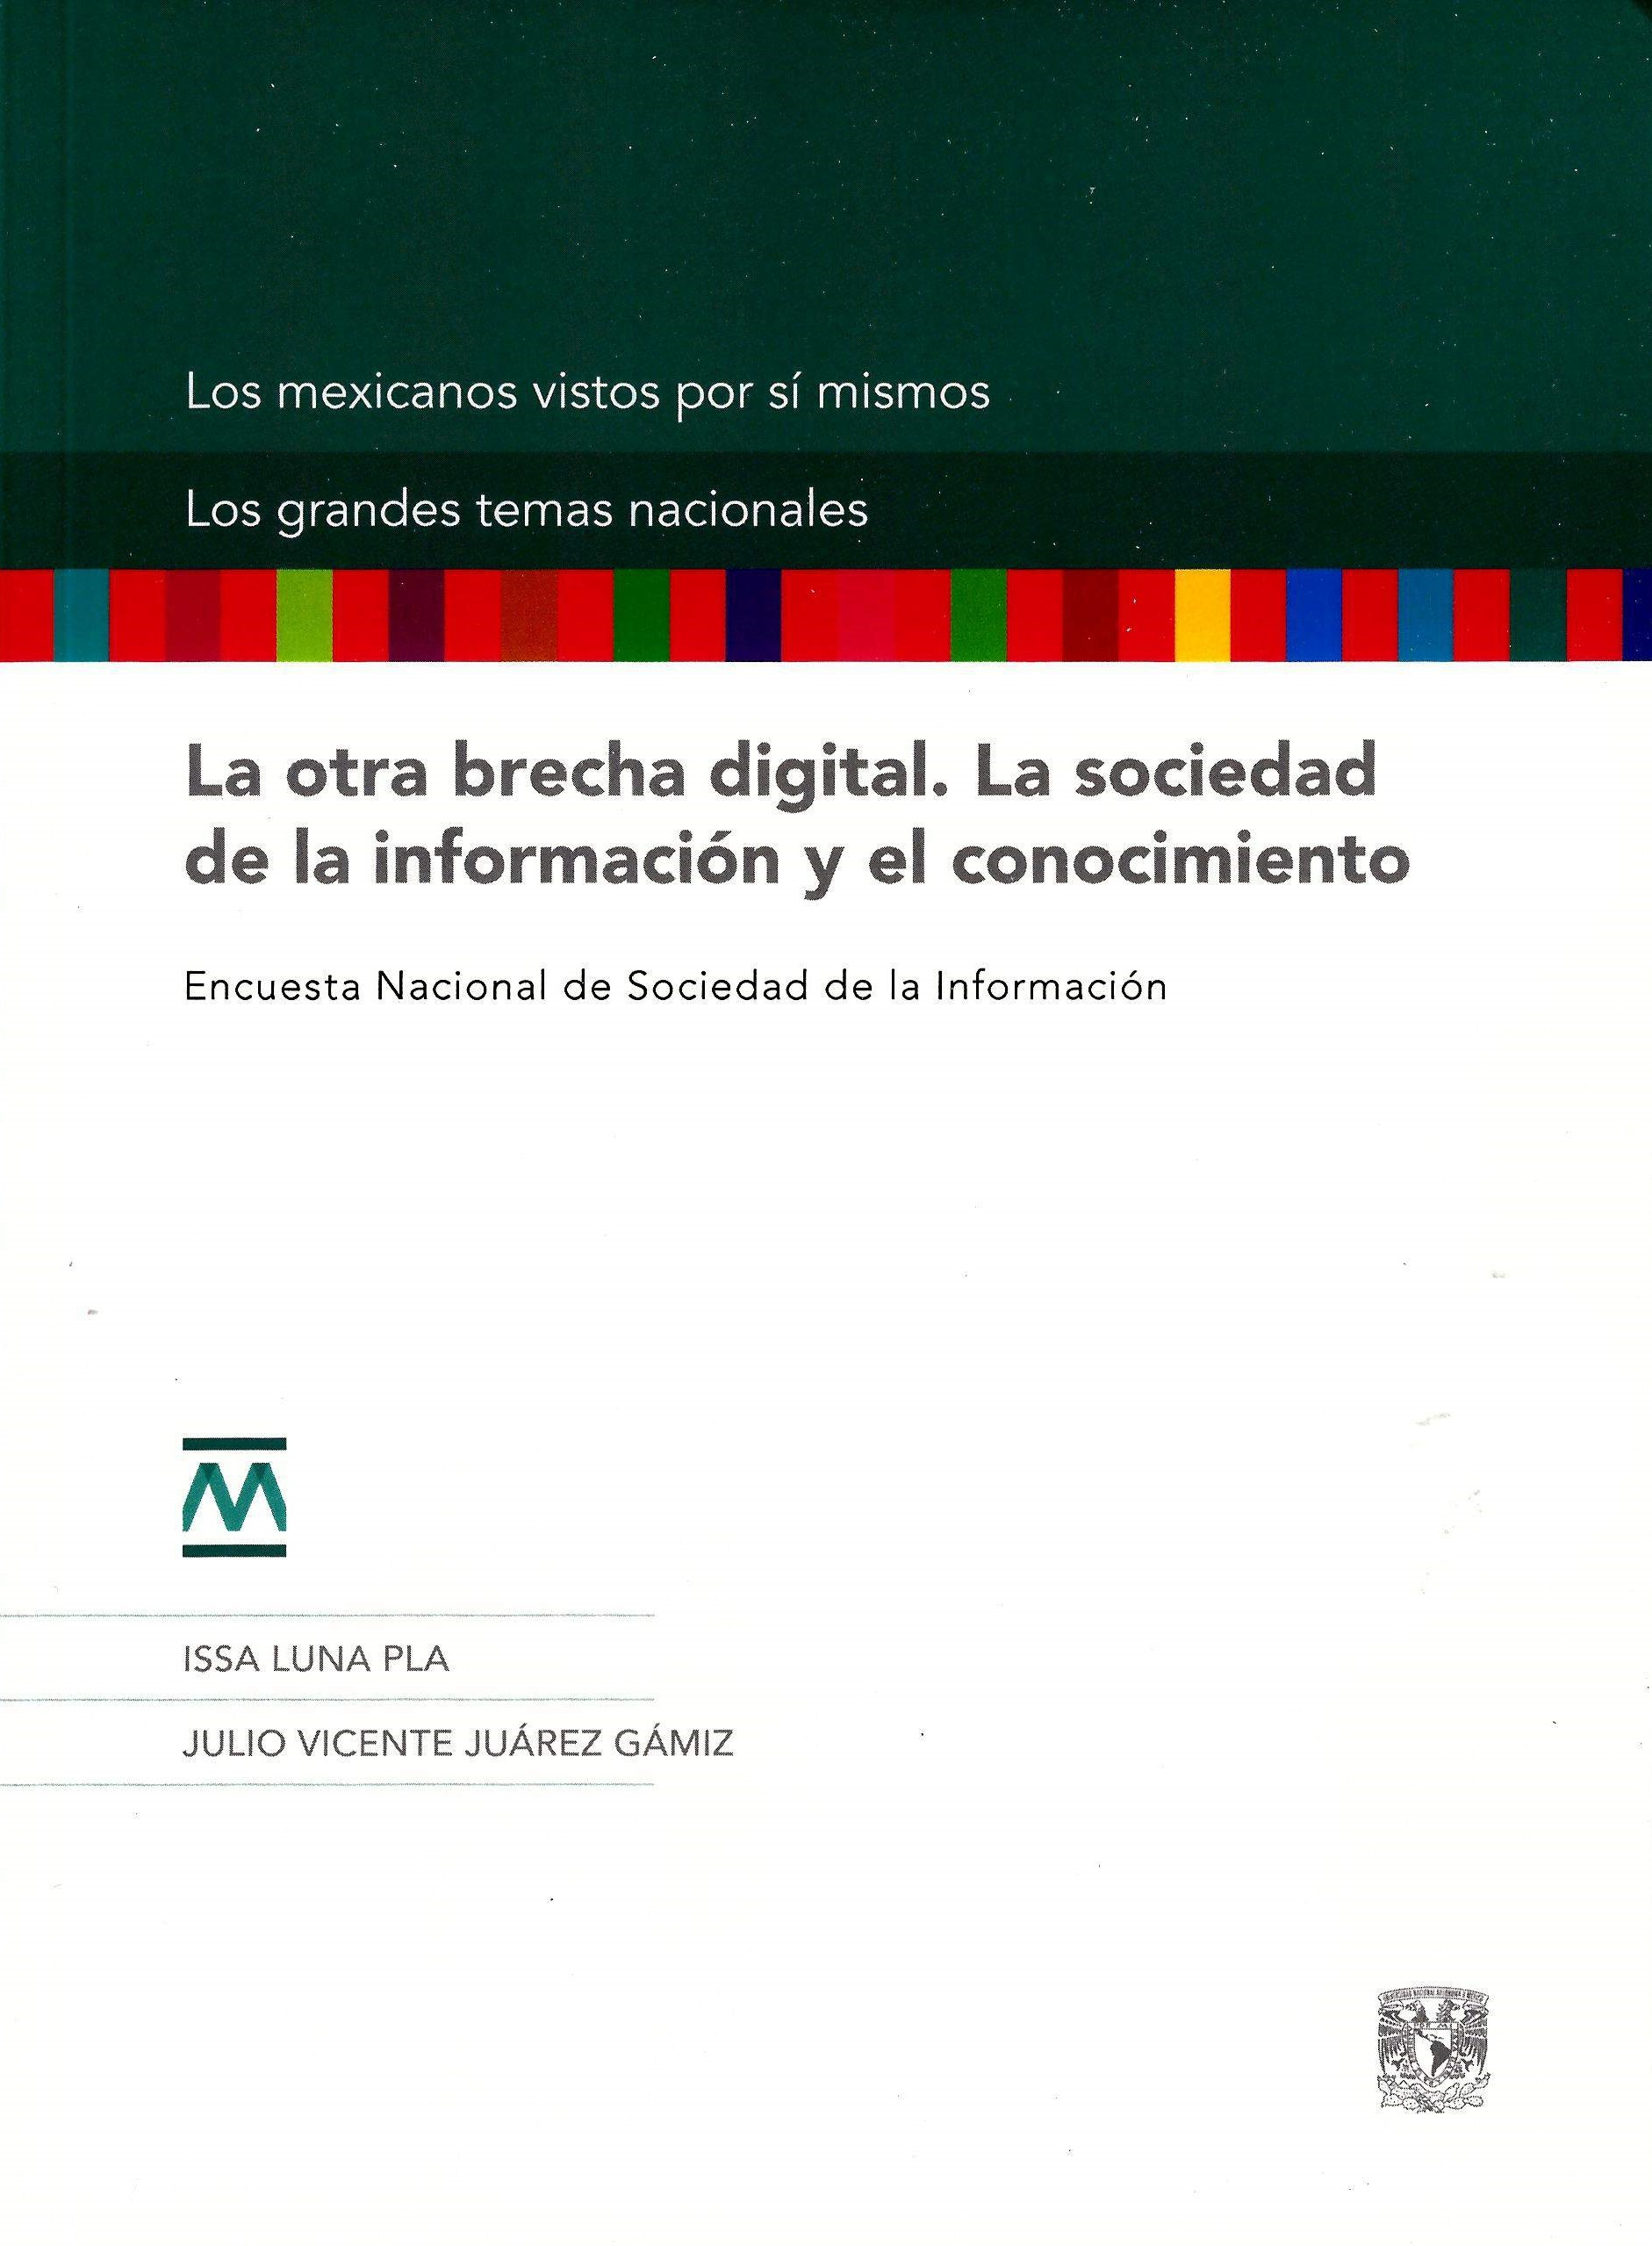 La otra brecha digital. La sociedad de la información y el conocimiento. Encuesta Nacional de Sociedad de la Información